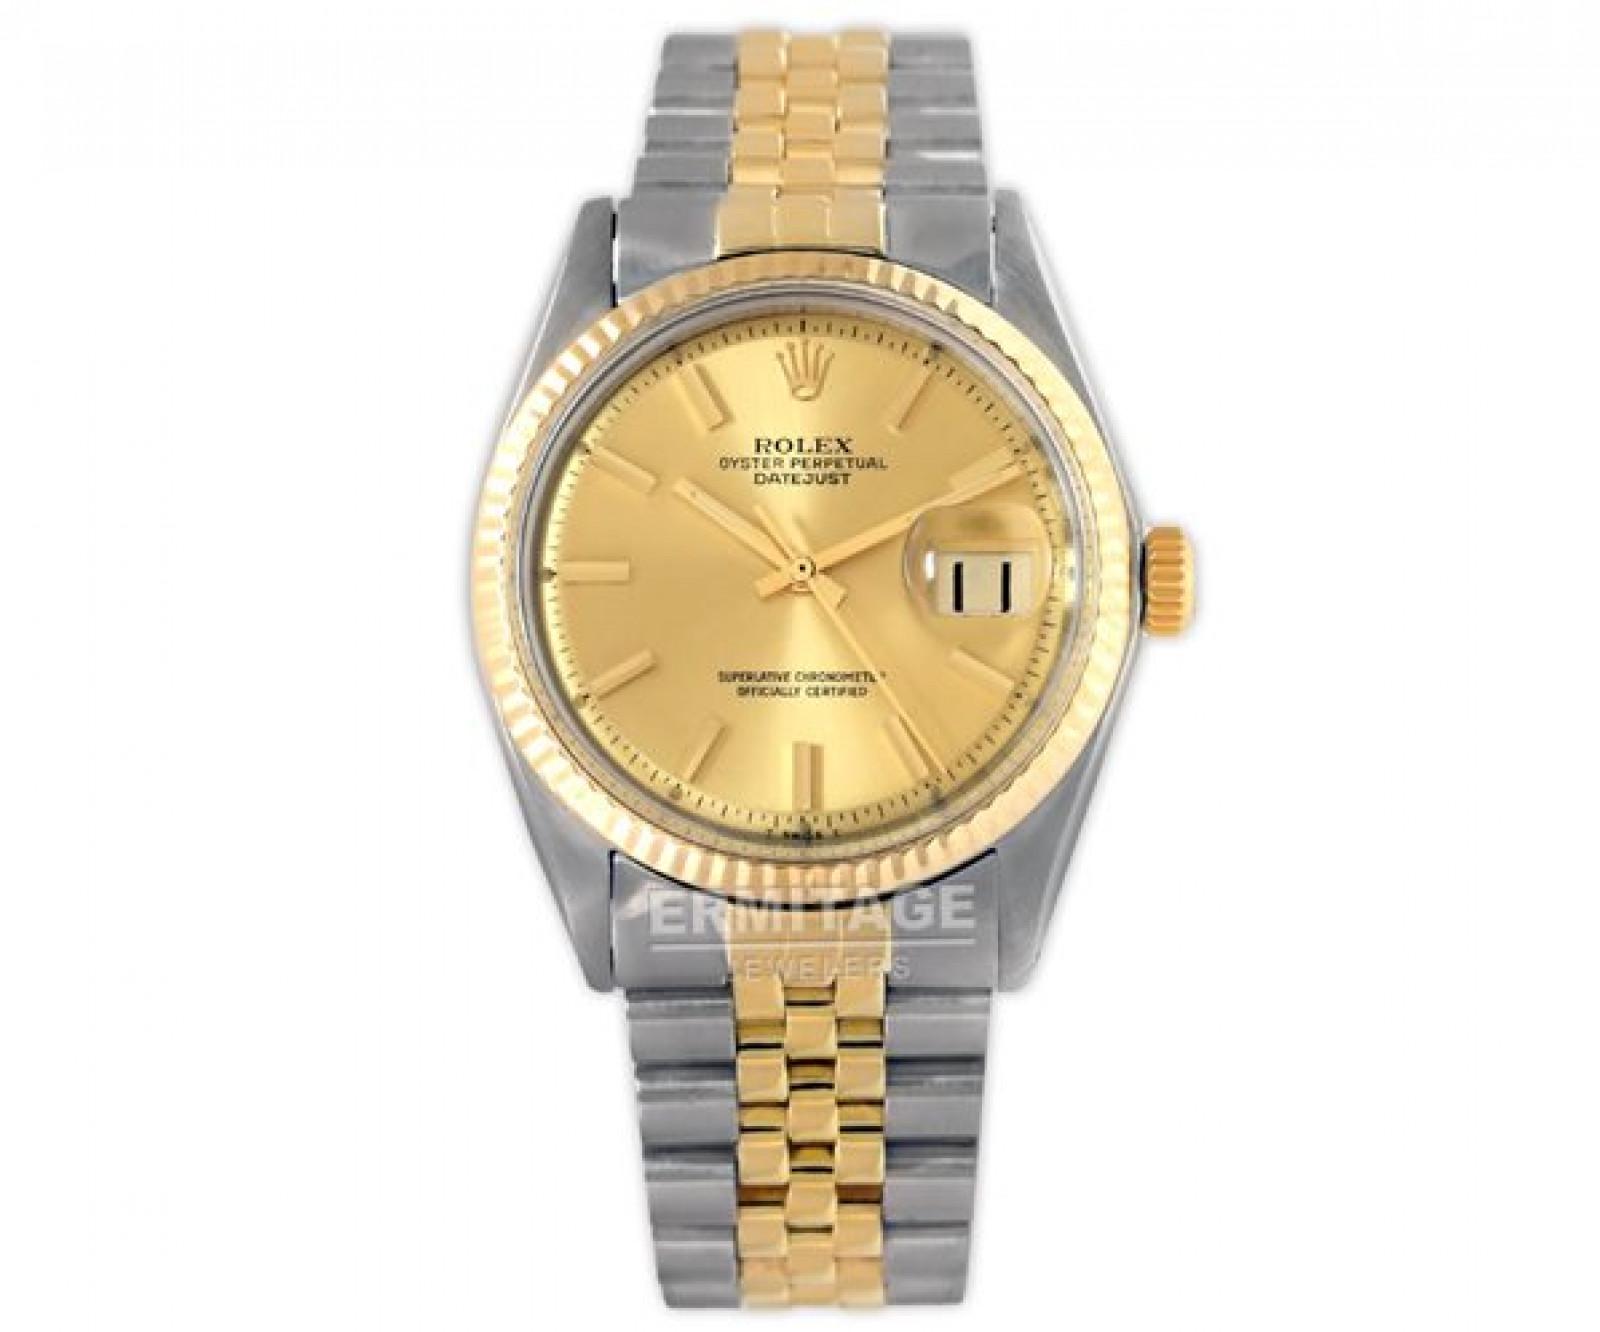 Vintage Rare Rolex Datejust 1601 Gold & Steel Year 1975